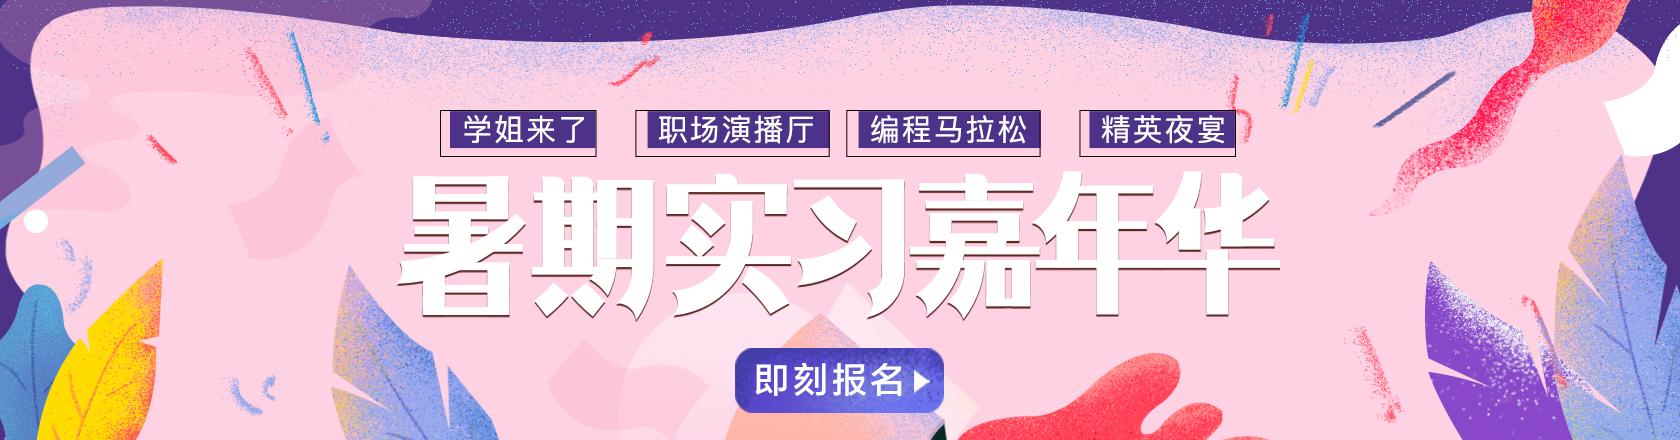 2018暑期实习嘉年华